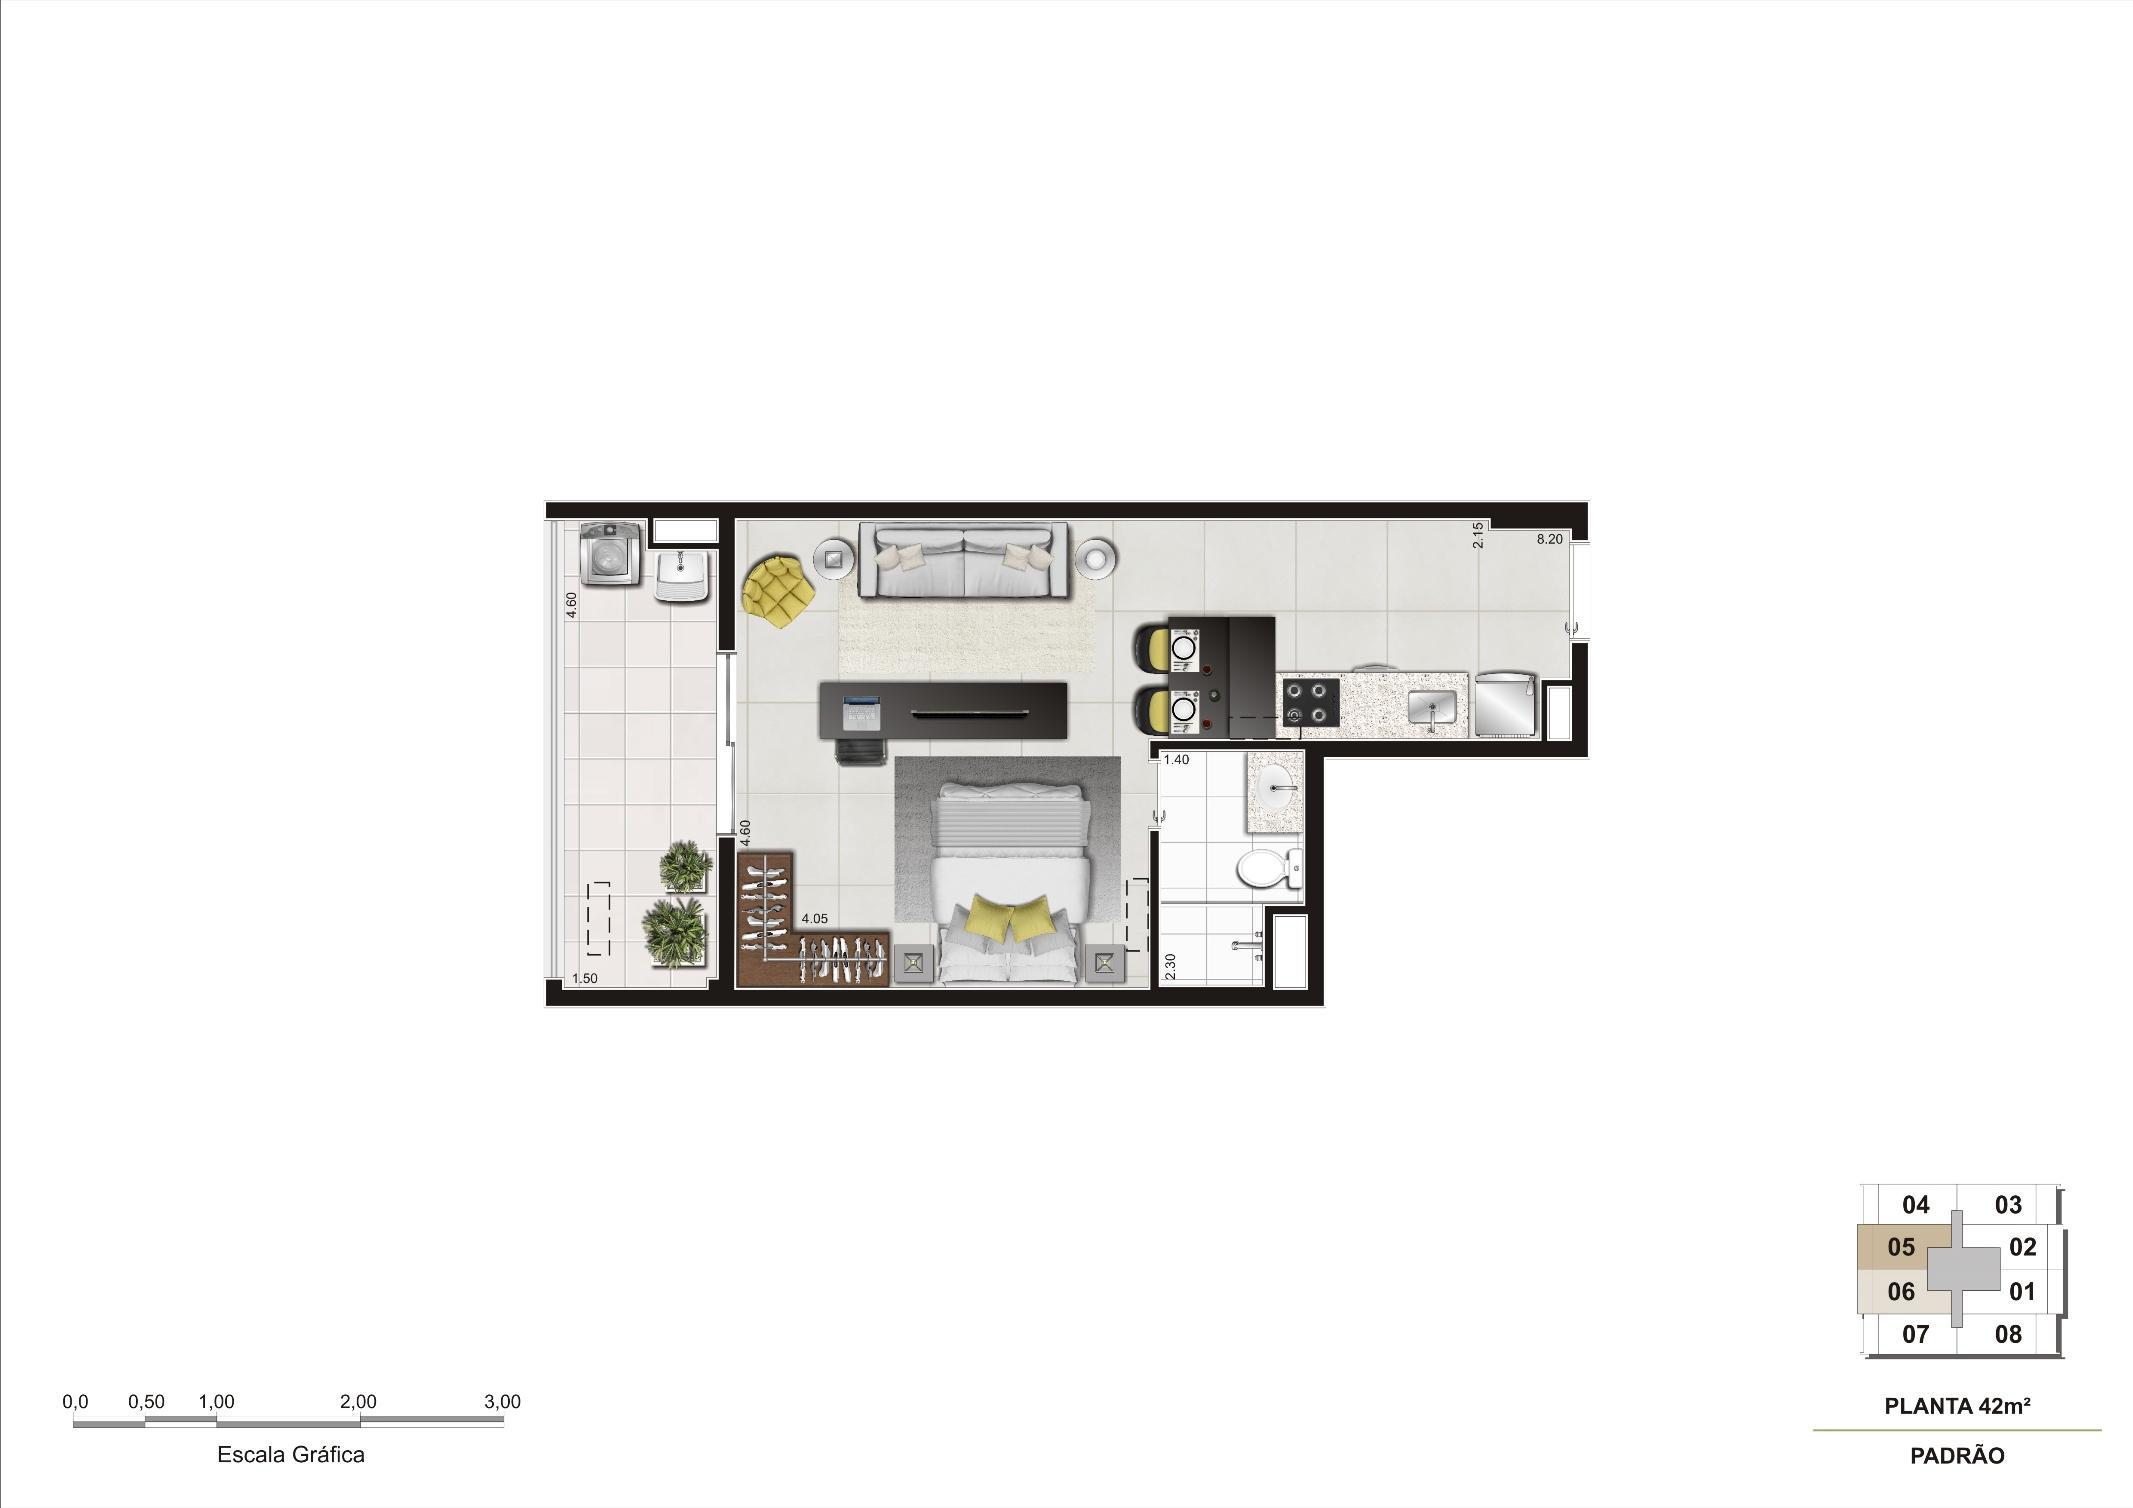 Planta do apartamento de 42m² | Cyrela InSPired in São Paulo – Apartamento na  Consolação - São Paulo - São Paulo